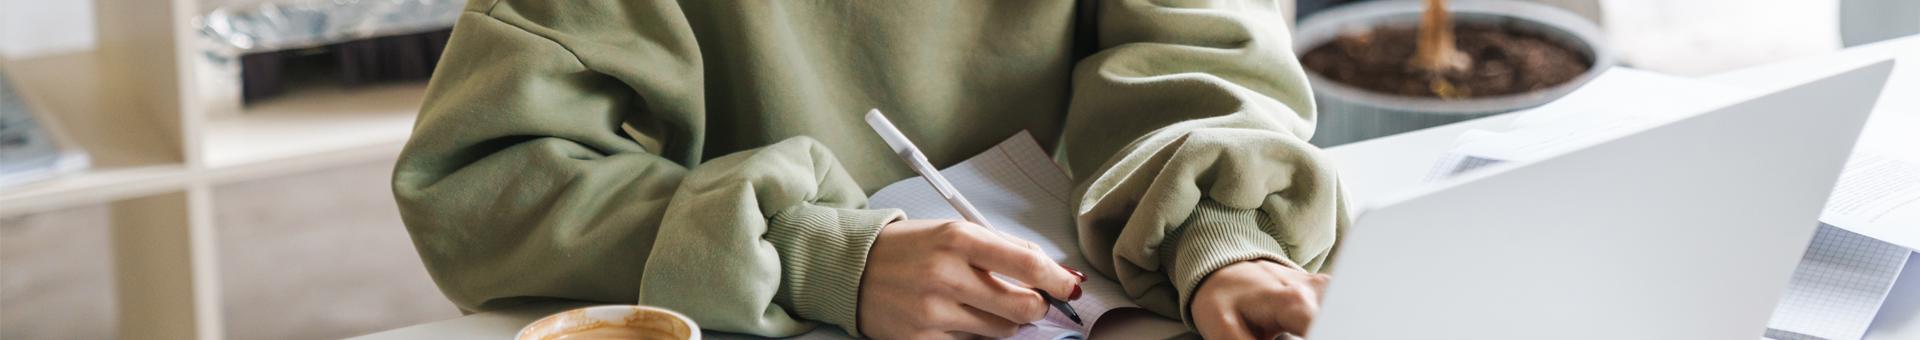 Complétez le document scolaire de votre enfant